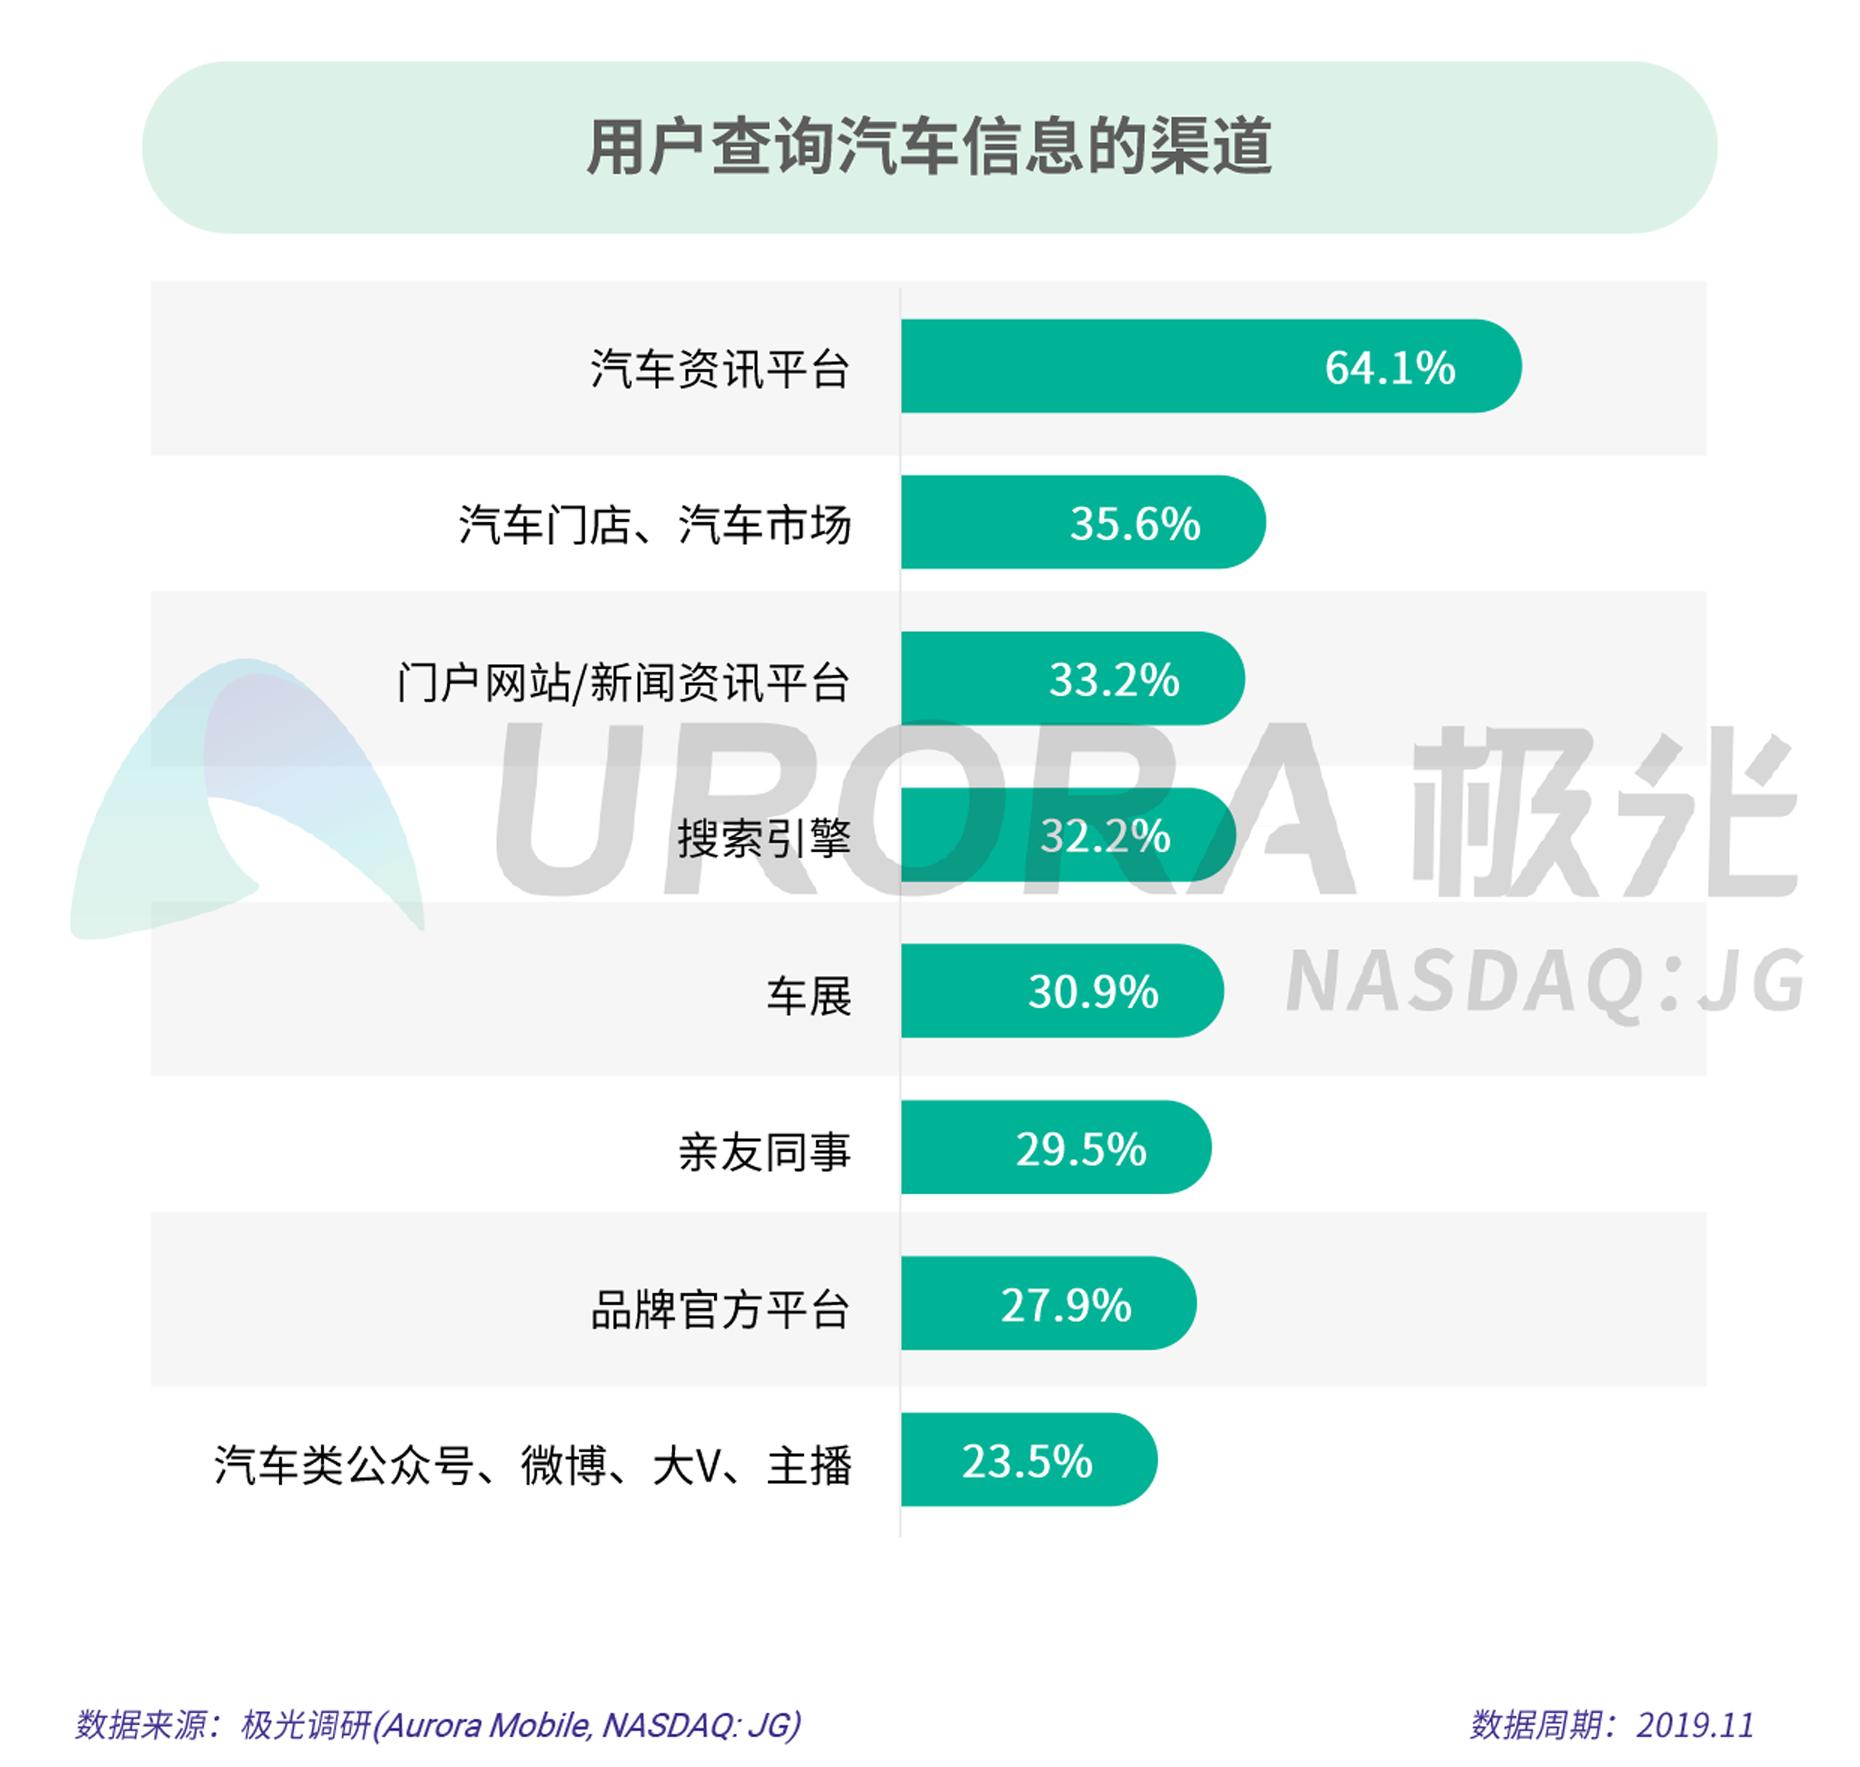 2019汽车资讯行业研究报告--审核版-13.png